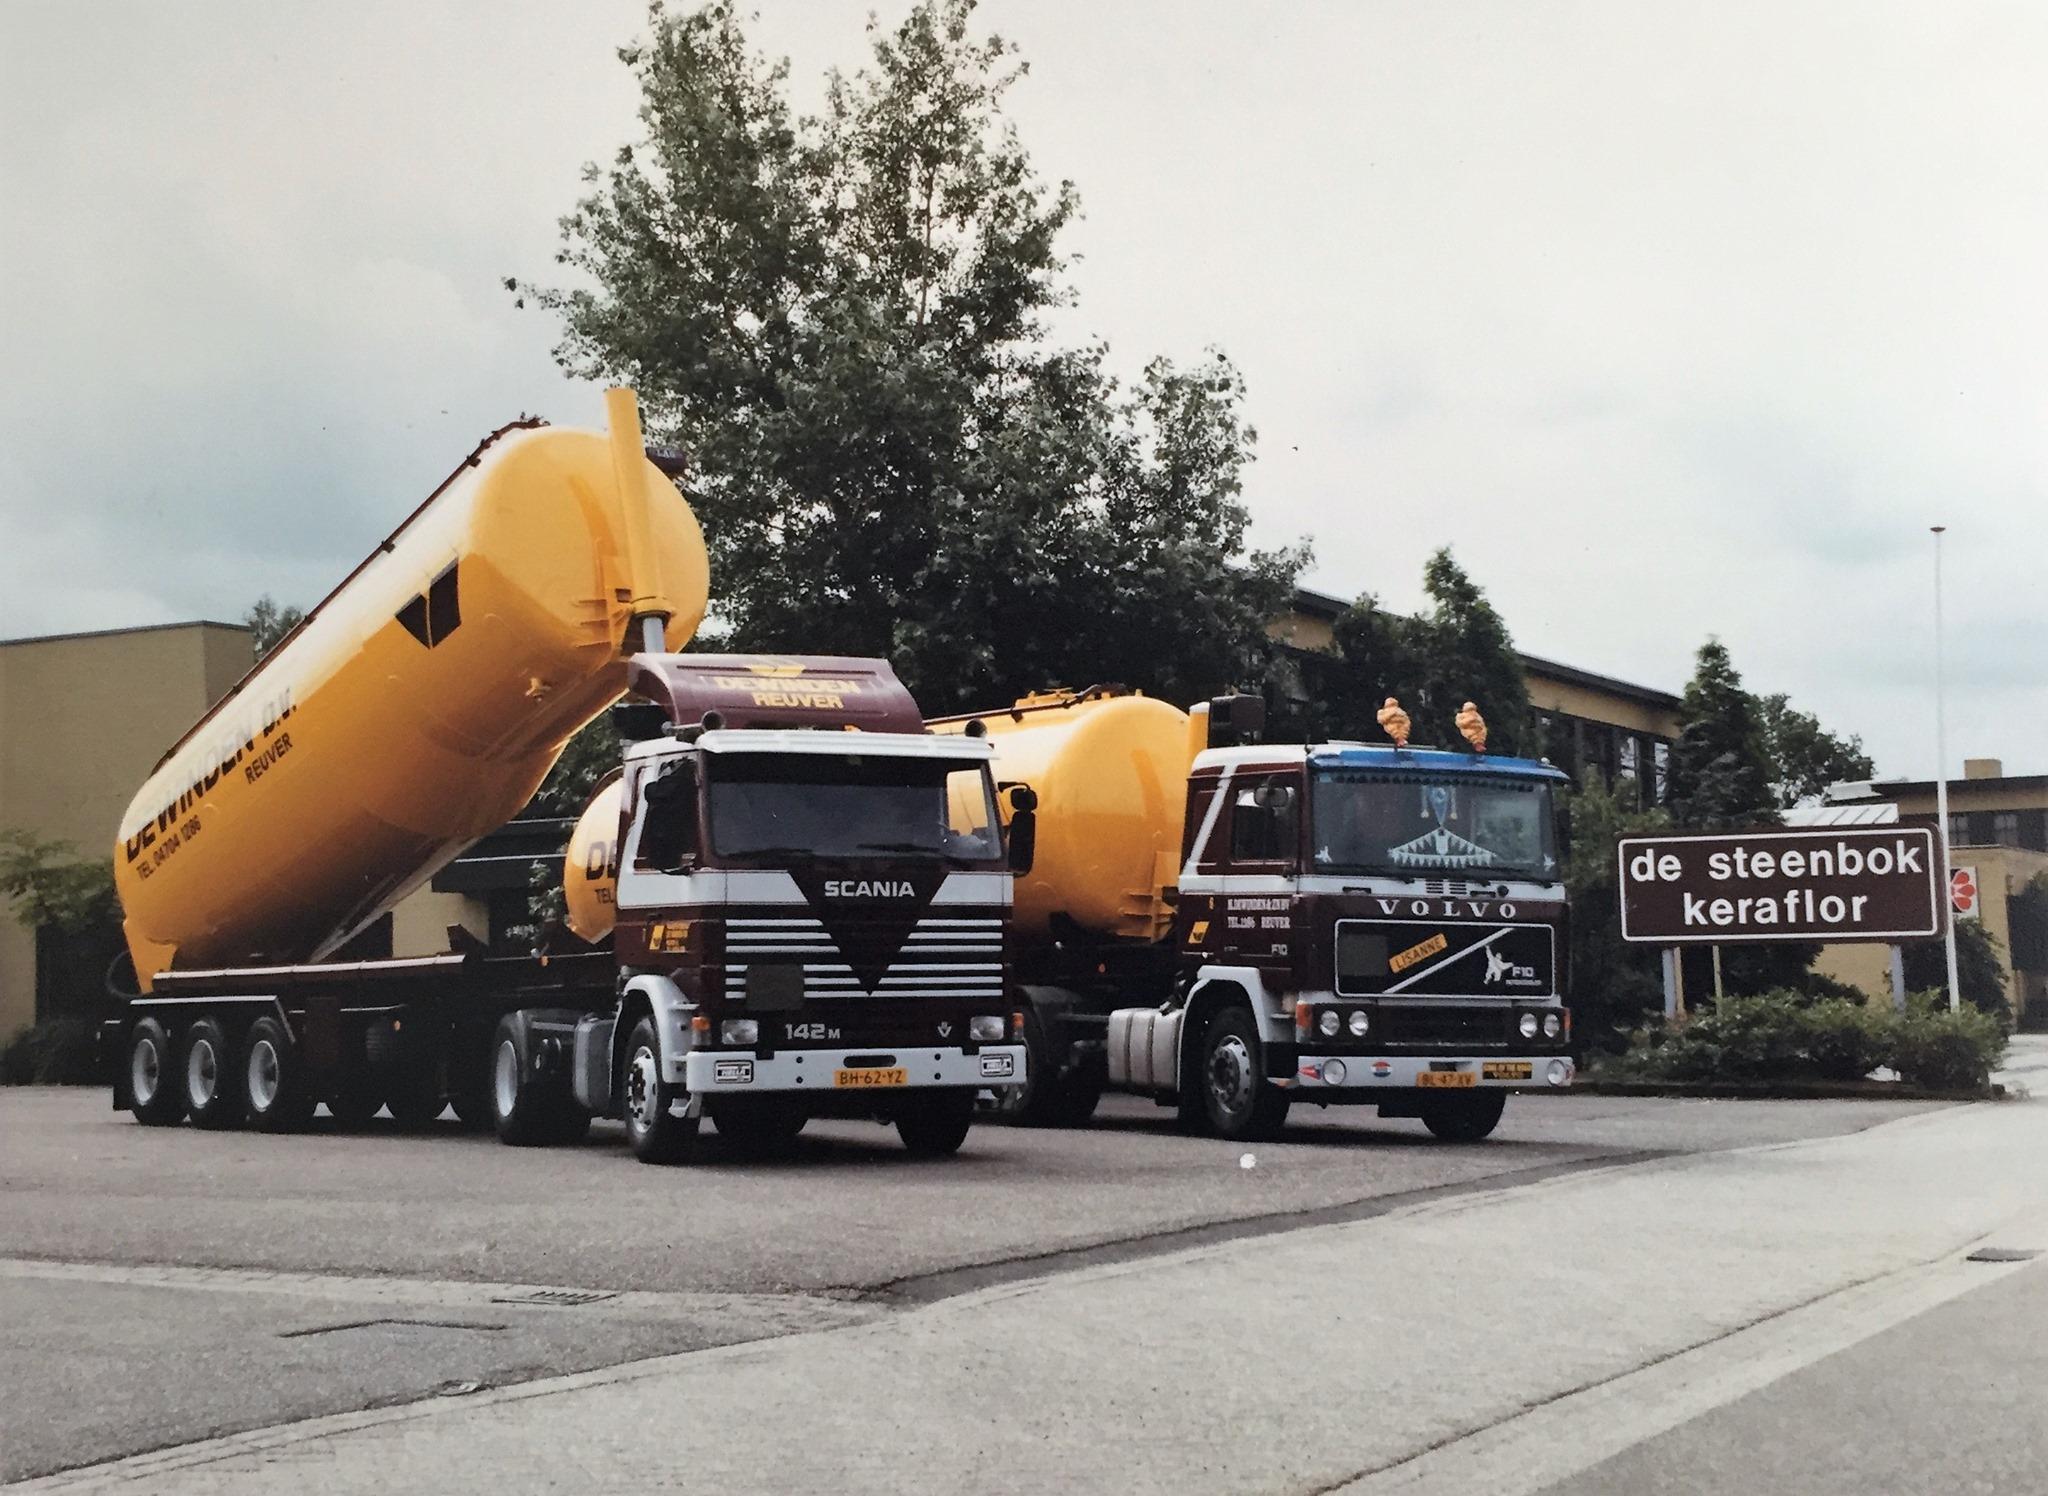 1987-bij-de-Steenbok-Reuver-met-bulk-Kippers-met-nog-opschrift-Dewinden-Reuver-Ton-Verdellen-en-de-Volvo-Jac-Bremmers